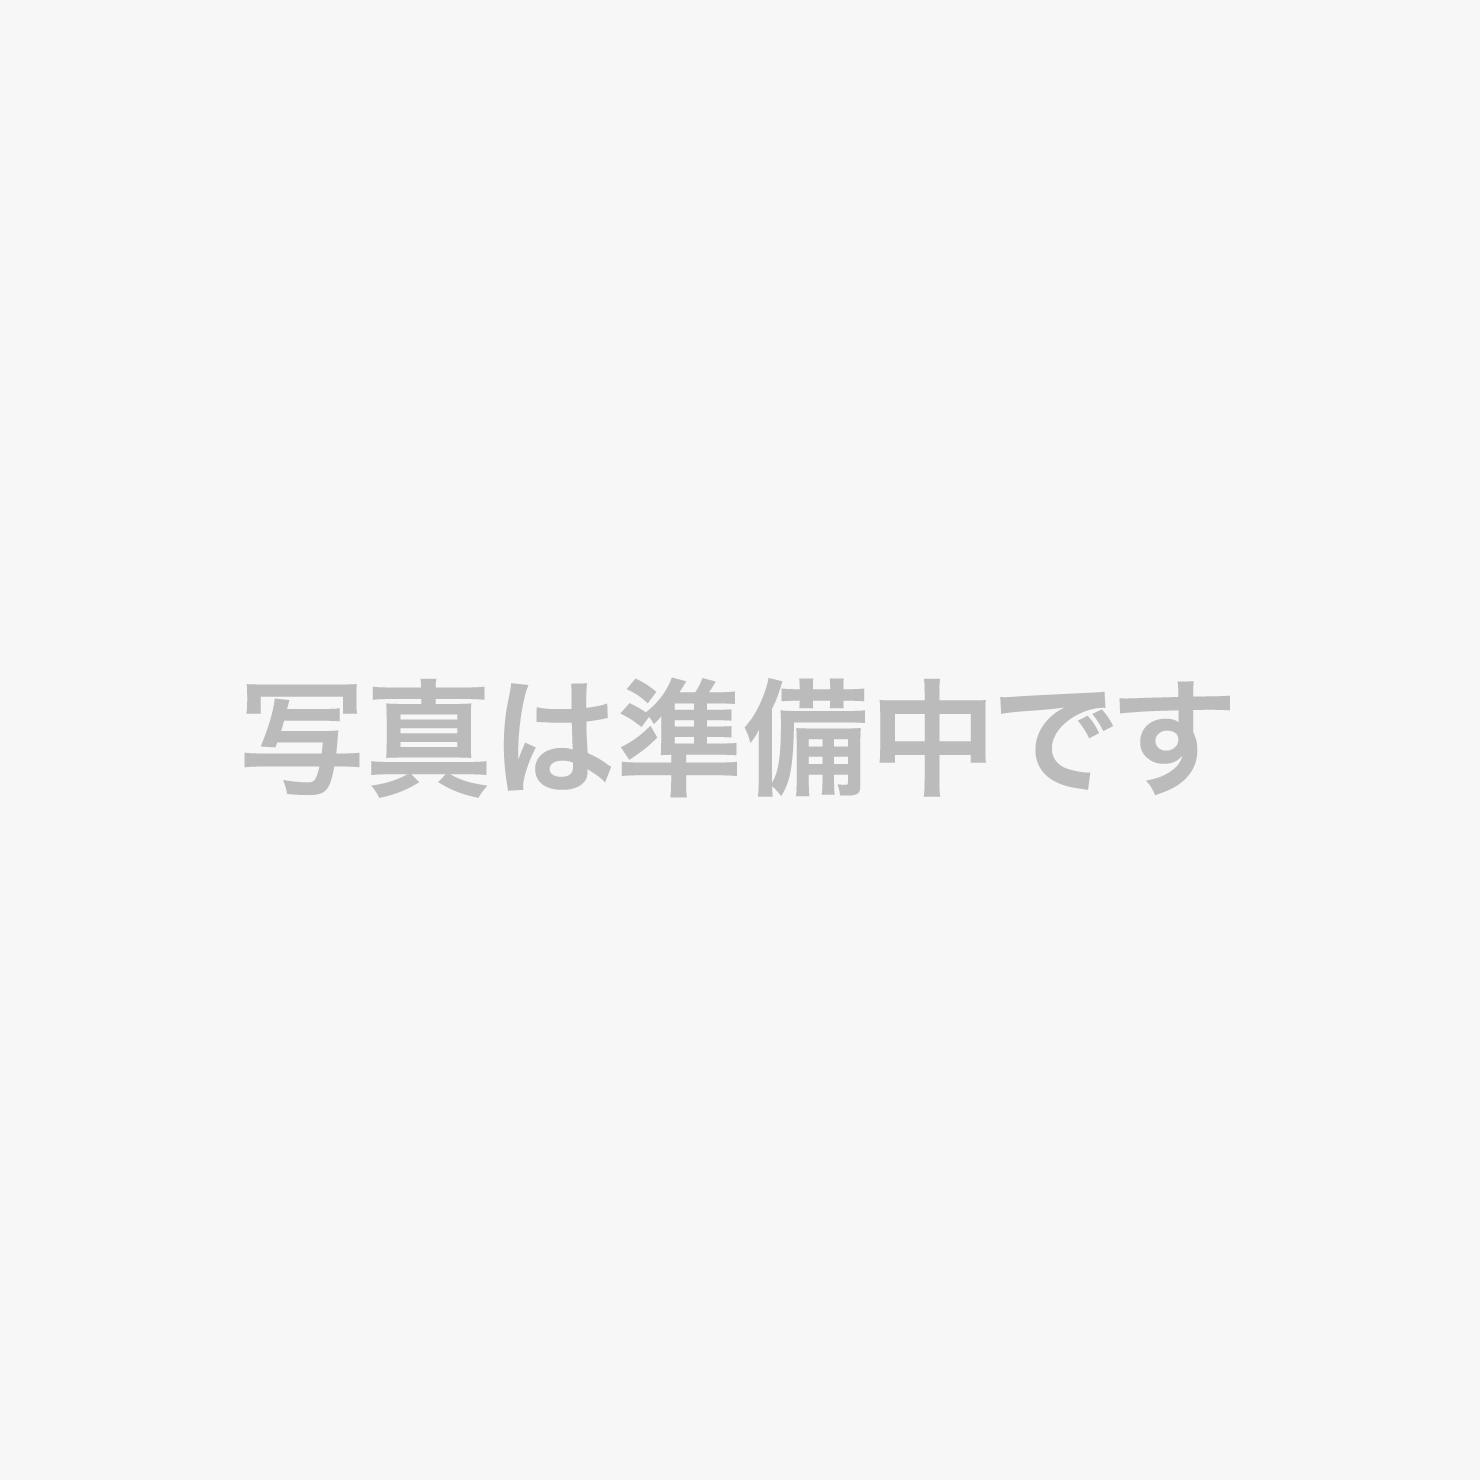 【朝食】(イメージ)